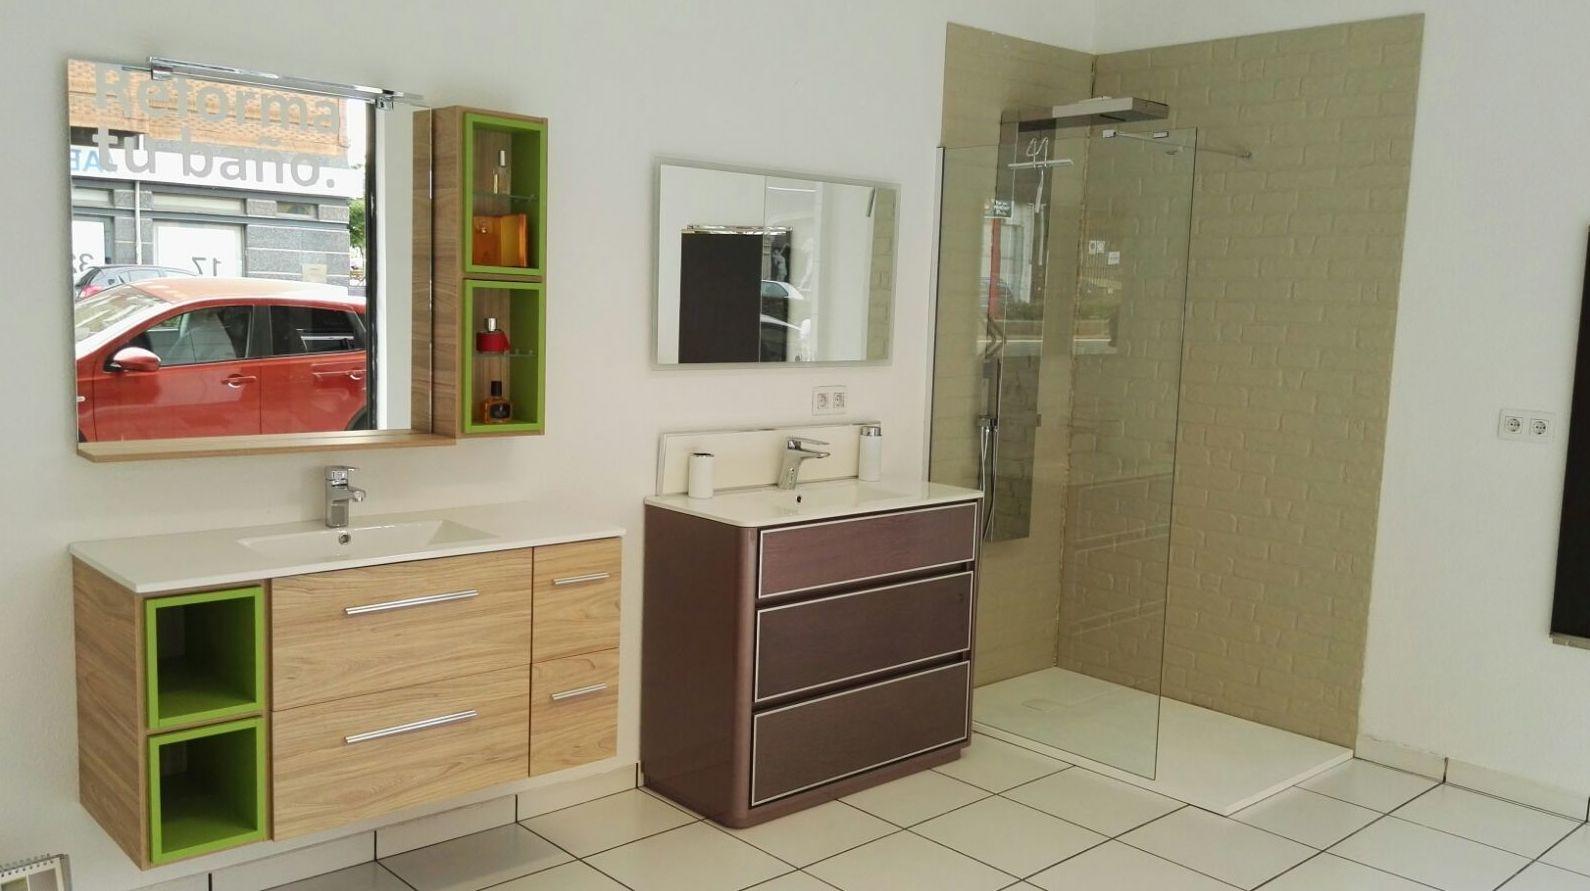 Mampara y muebles de baño